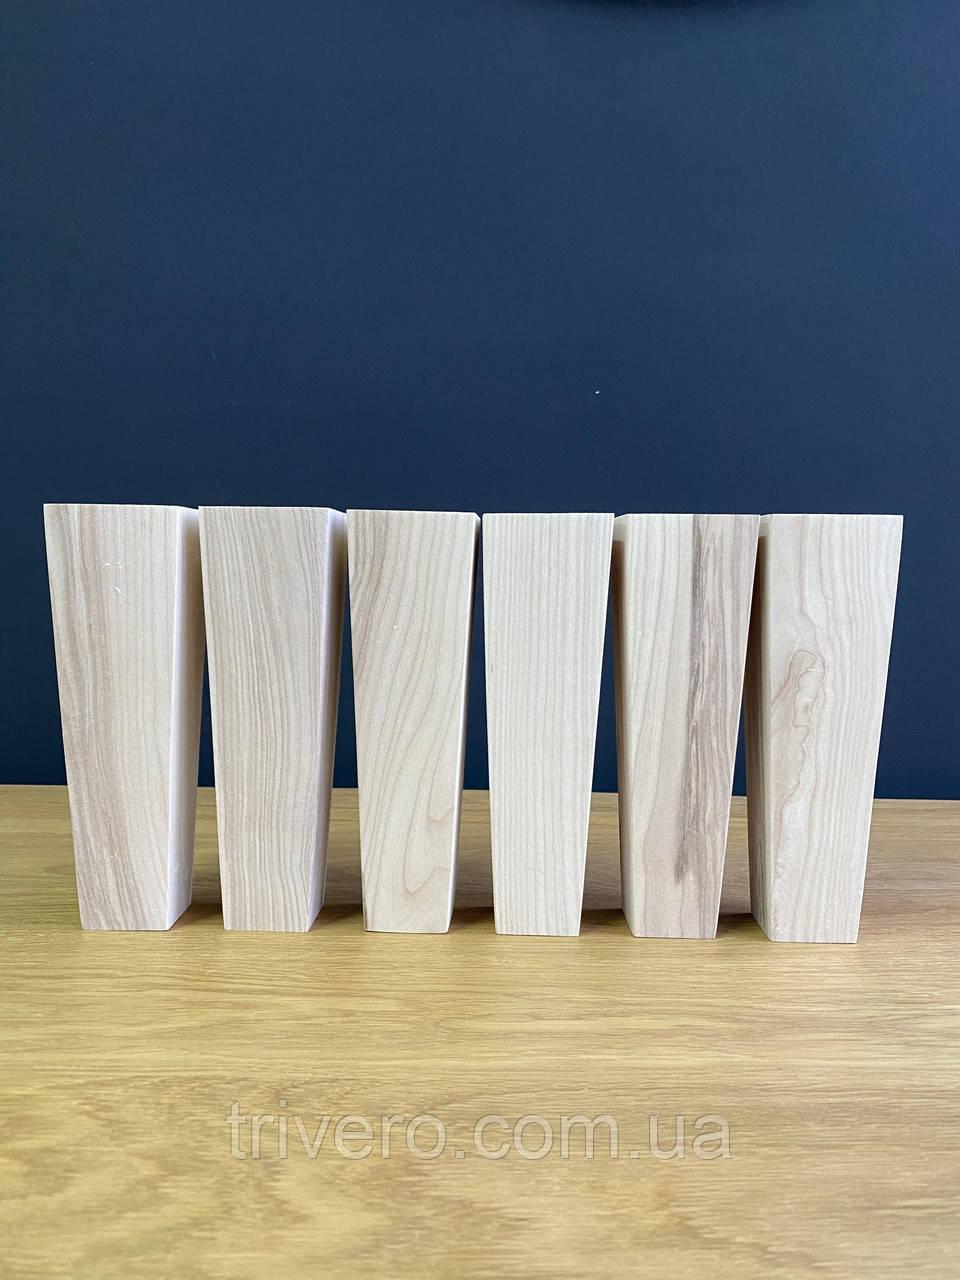 Квадратные мебельные ножки и опоры из дерева / Код: Ніжка-36